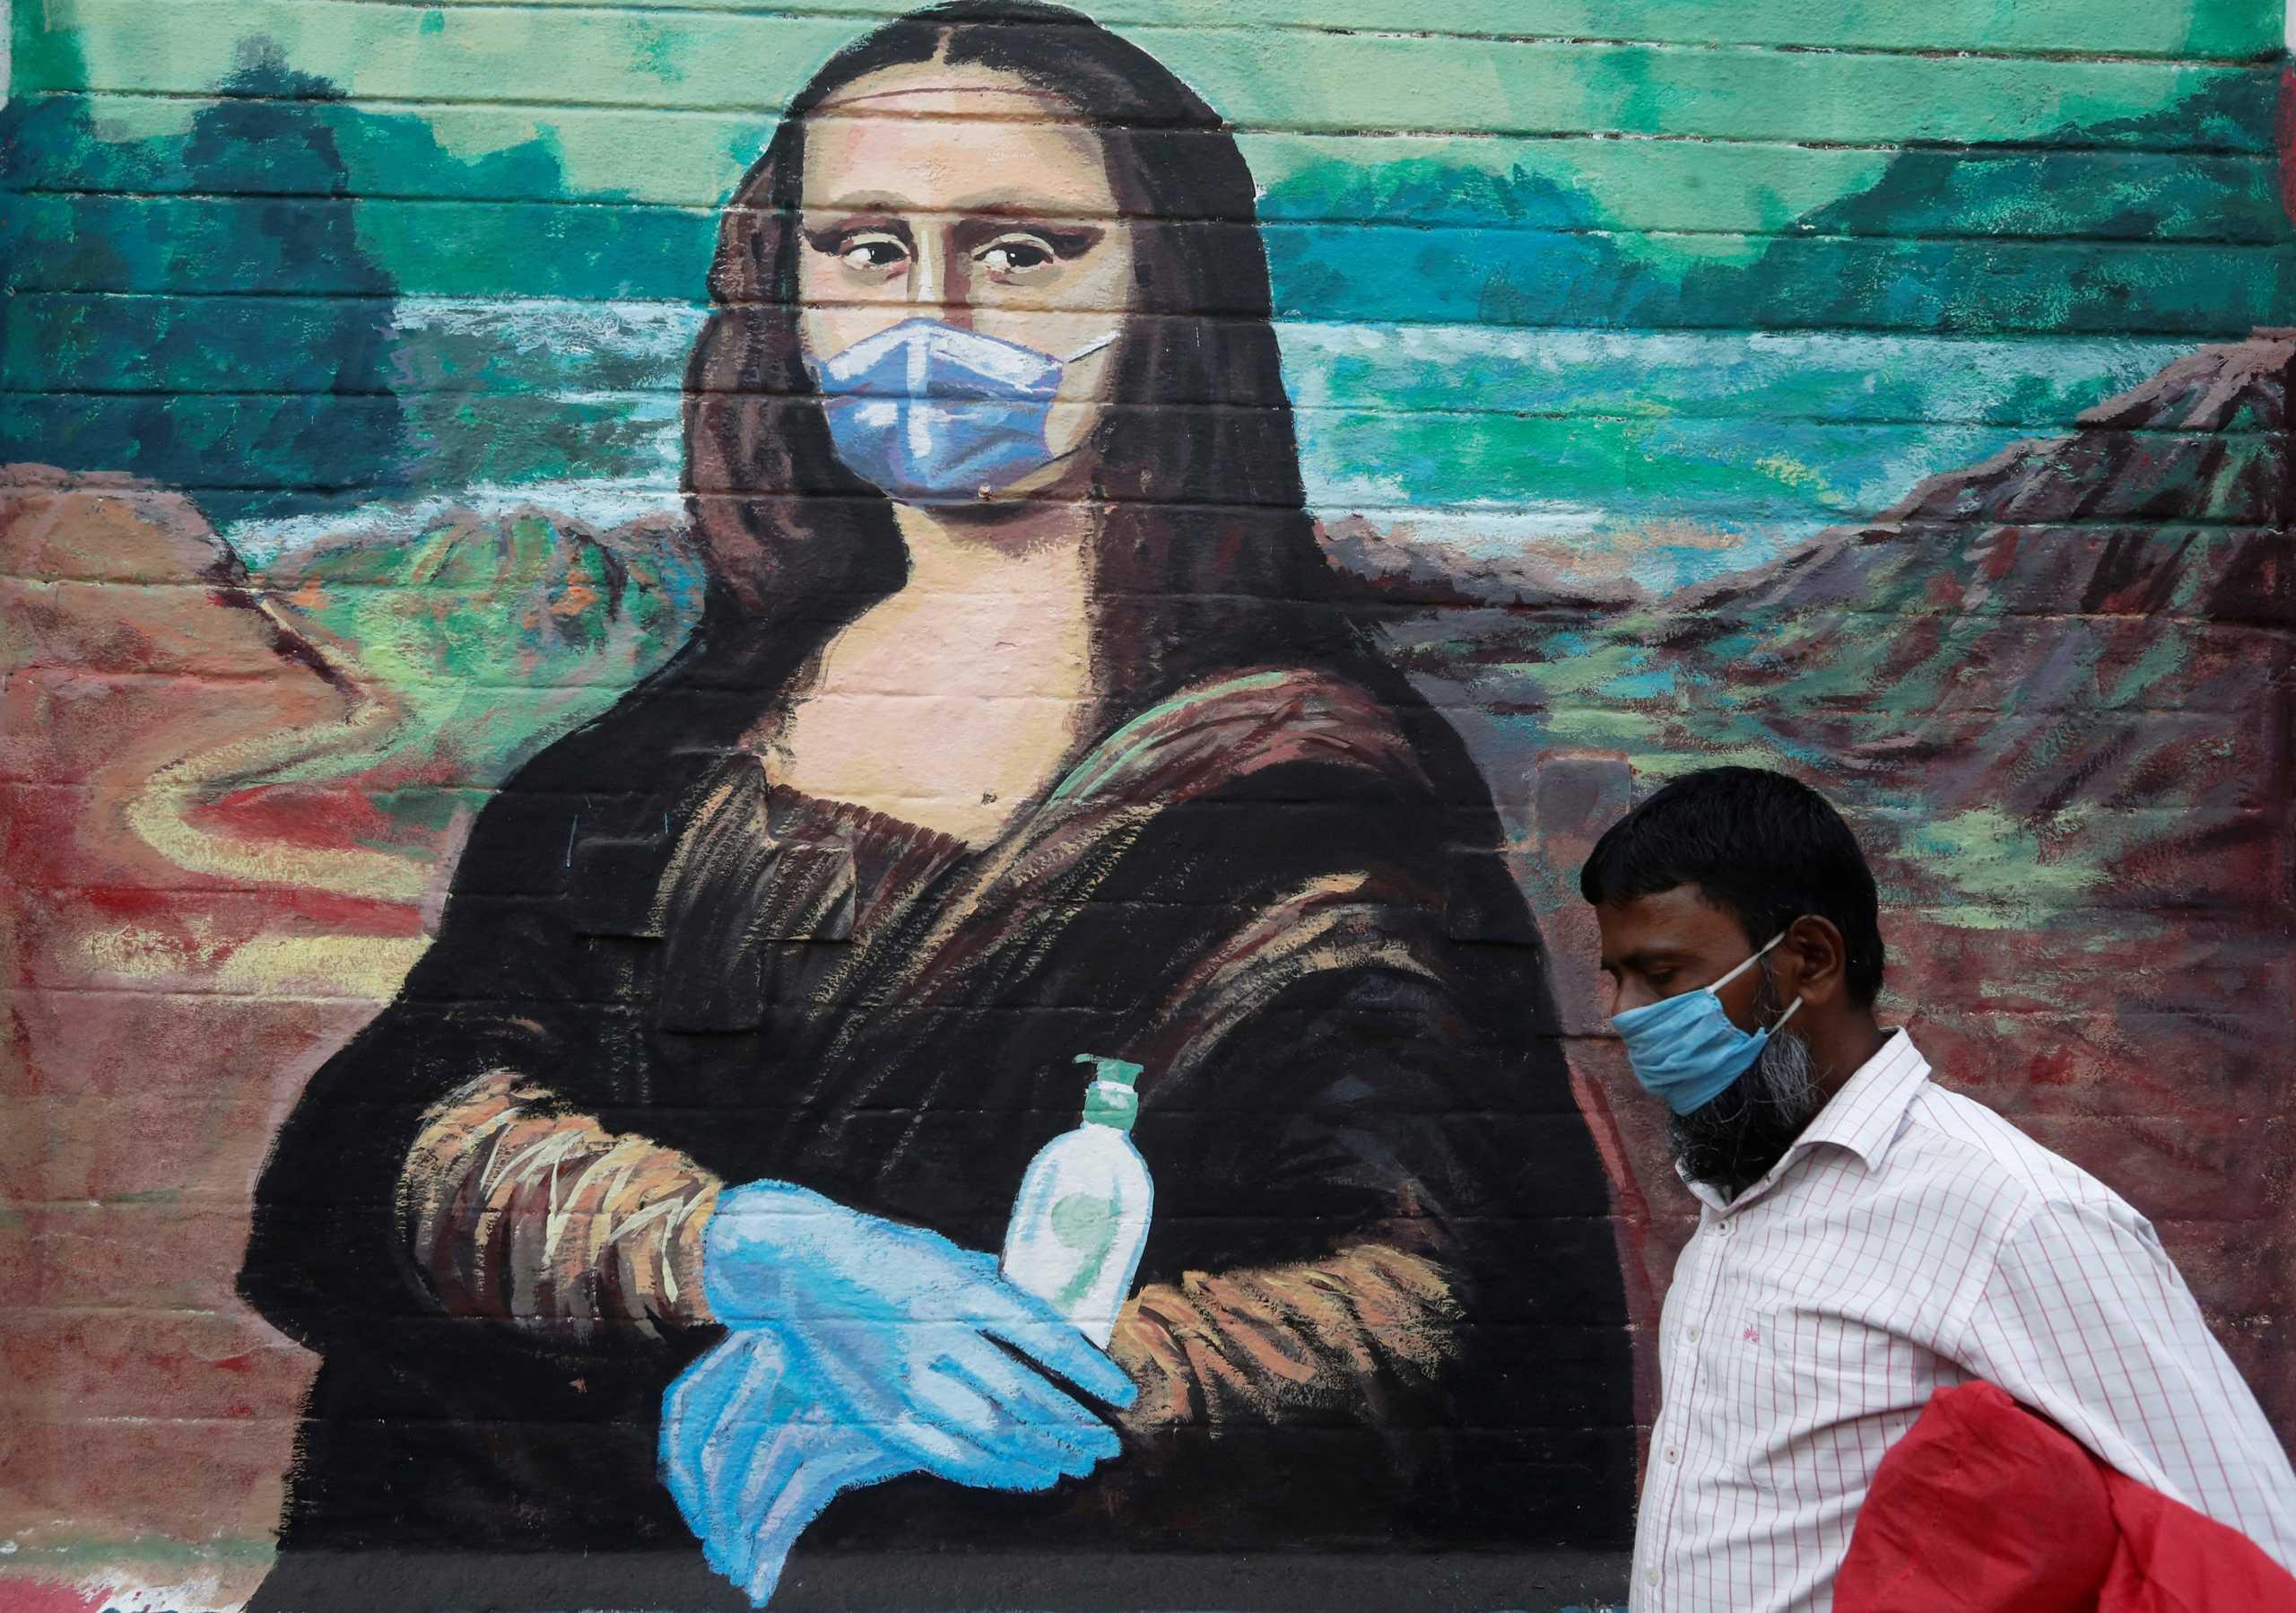 Κορονοϊός: Ανησυχία για την ινδική μετάλλαξη – Πιο μεταδοτική και ανθεκτικότερη στα εμβόλια